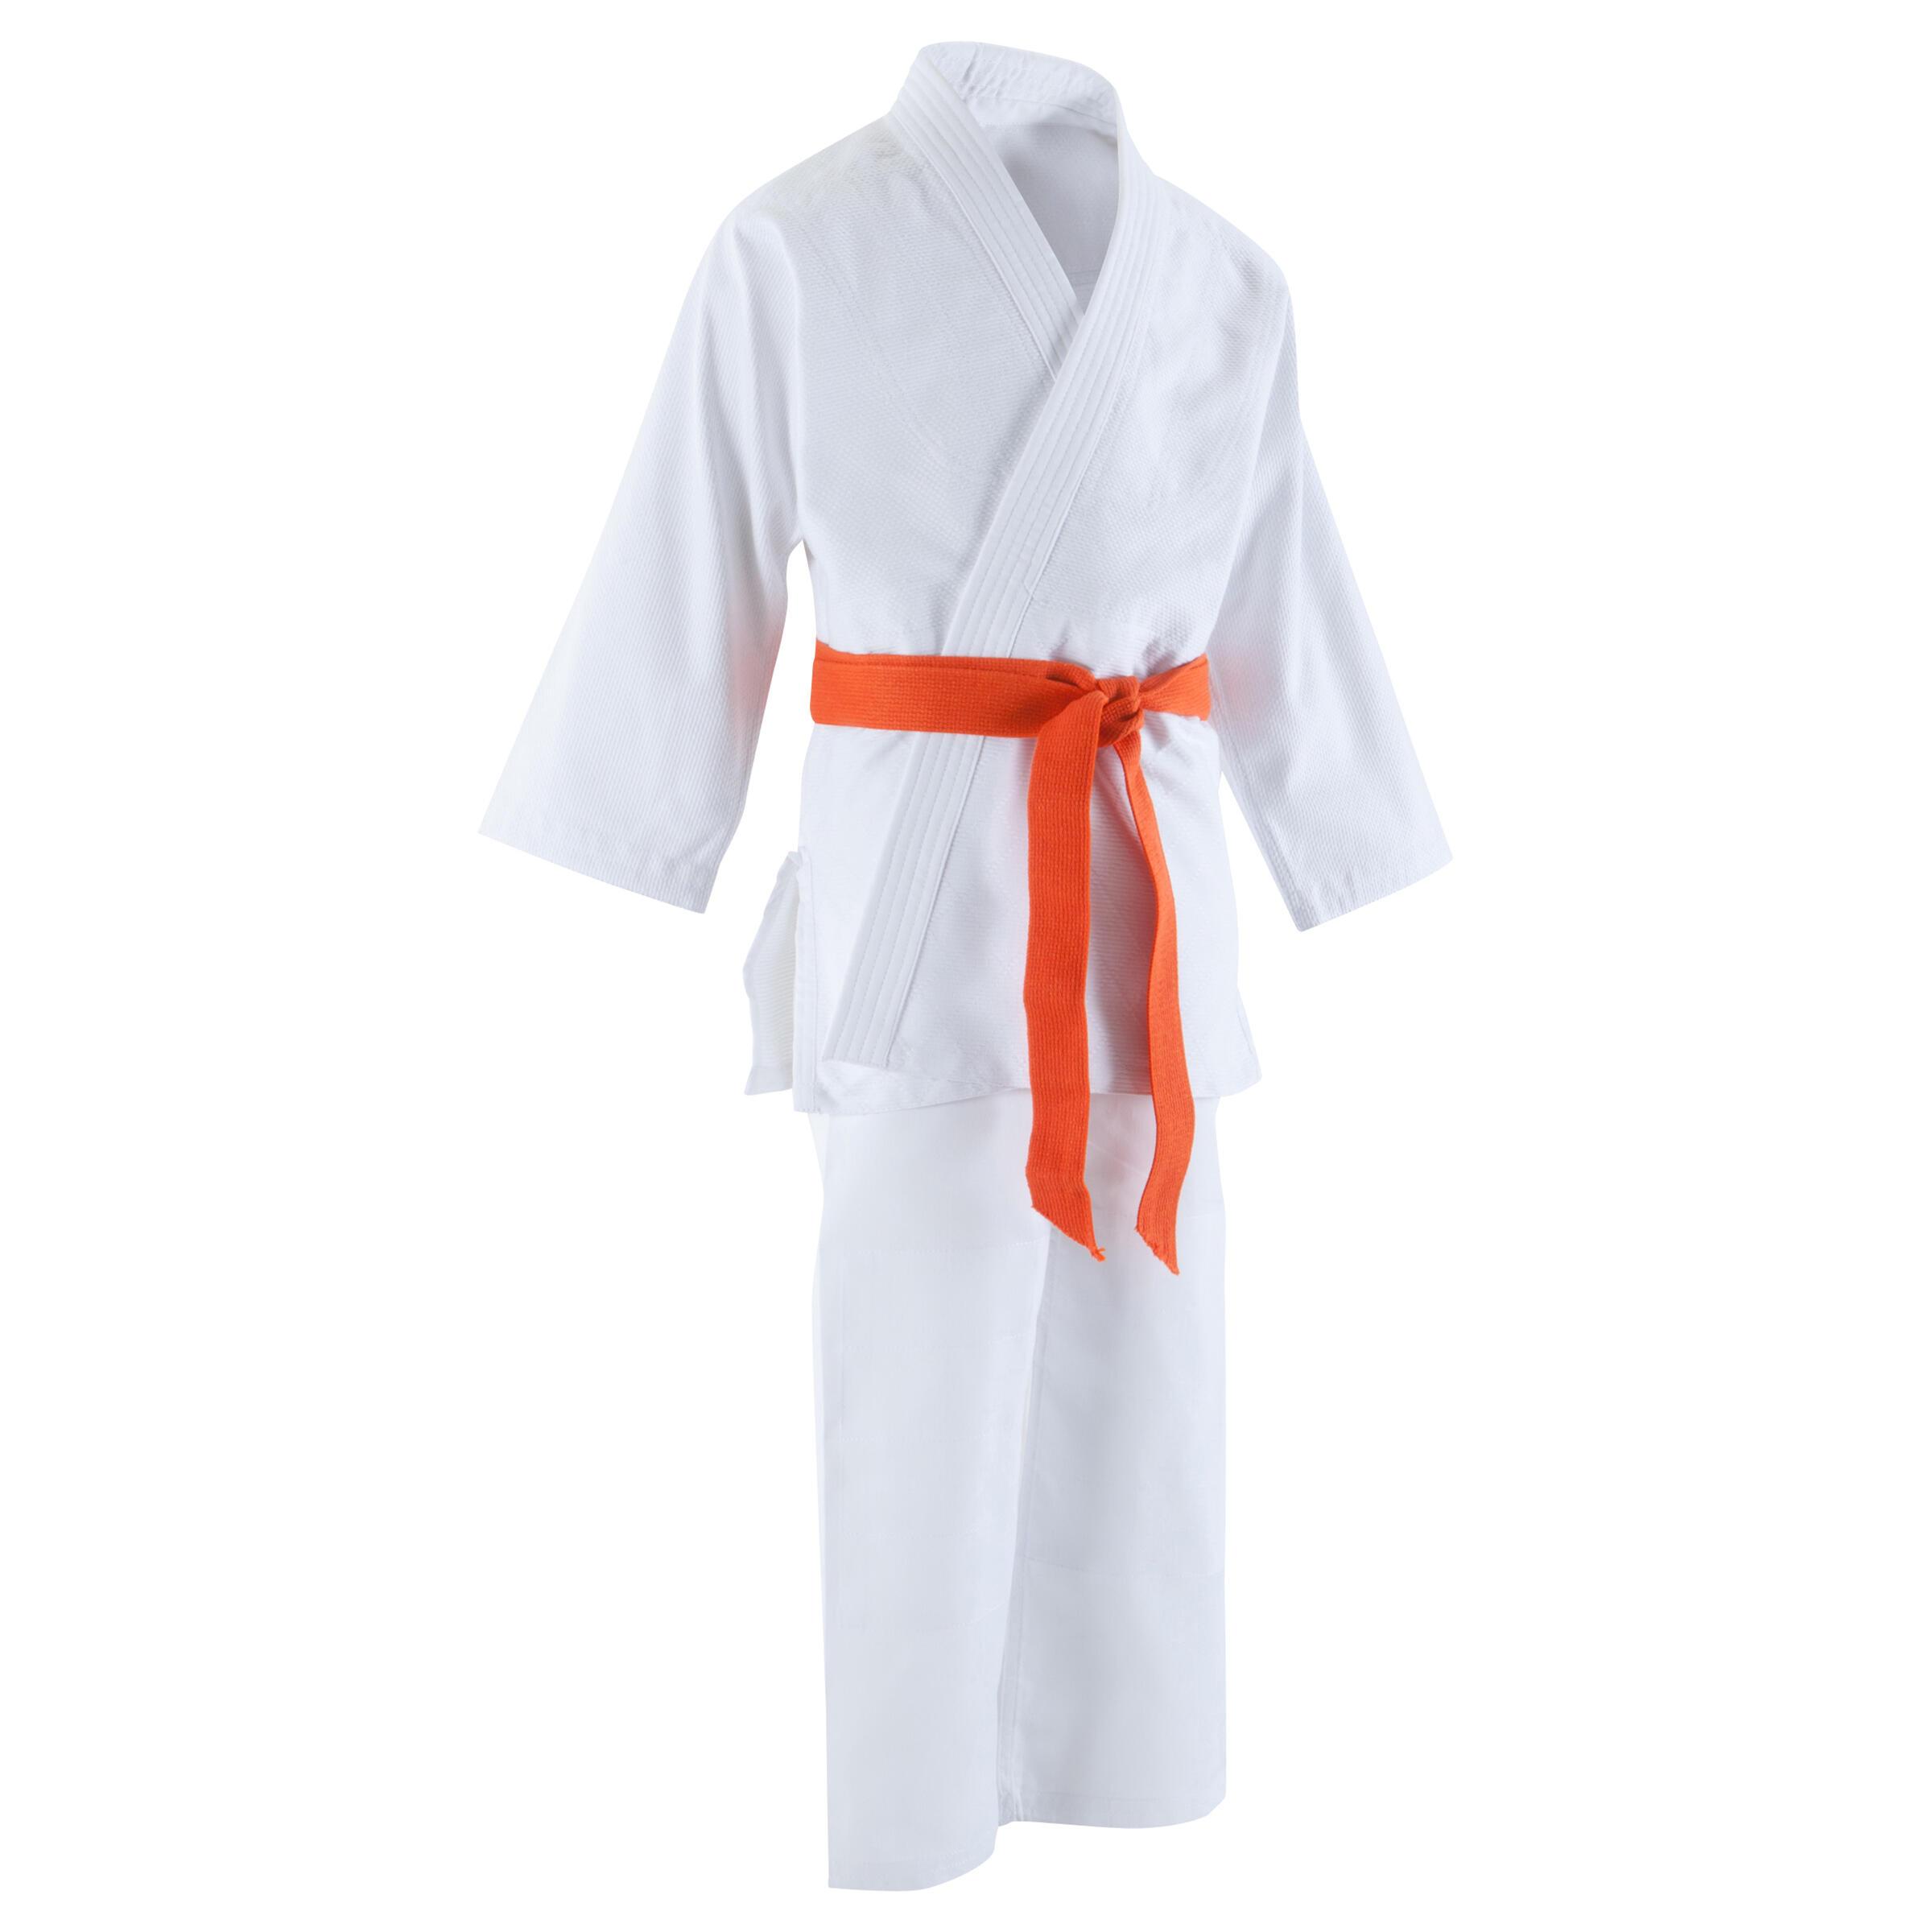 Outshock Judopak 350 voor kinderen, voor judo, aikido, jiujitsu